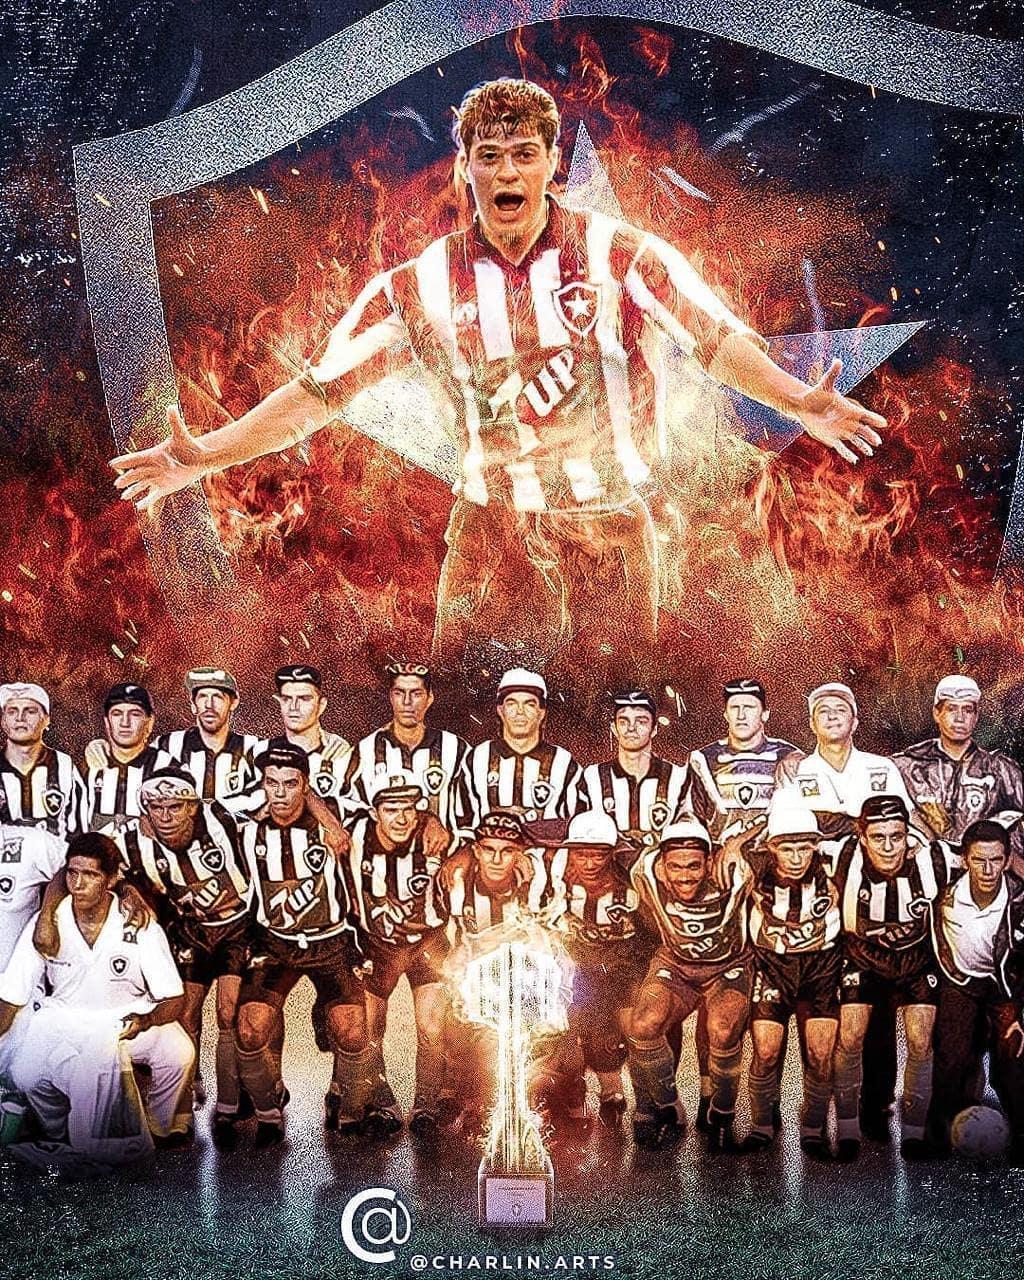 Sem ter sido convidado pela Globo, Túlio Maravilha repercutiu final com vitória do Botafogo nas redes sociais (Reprodução)